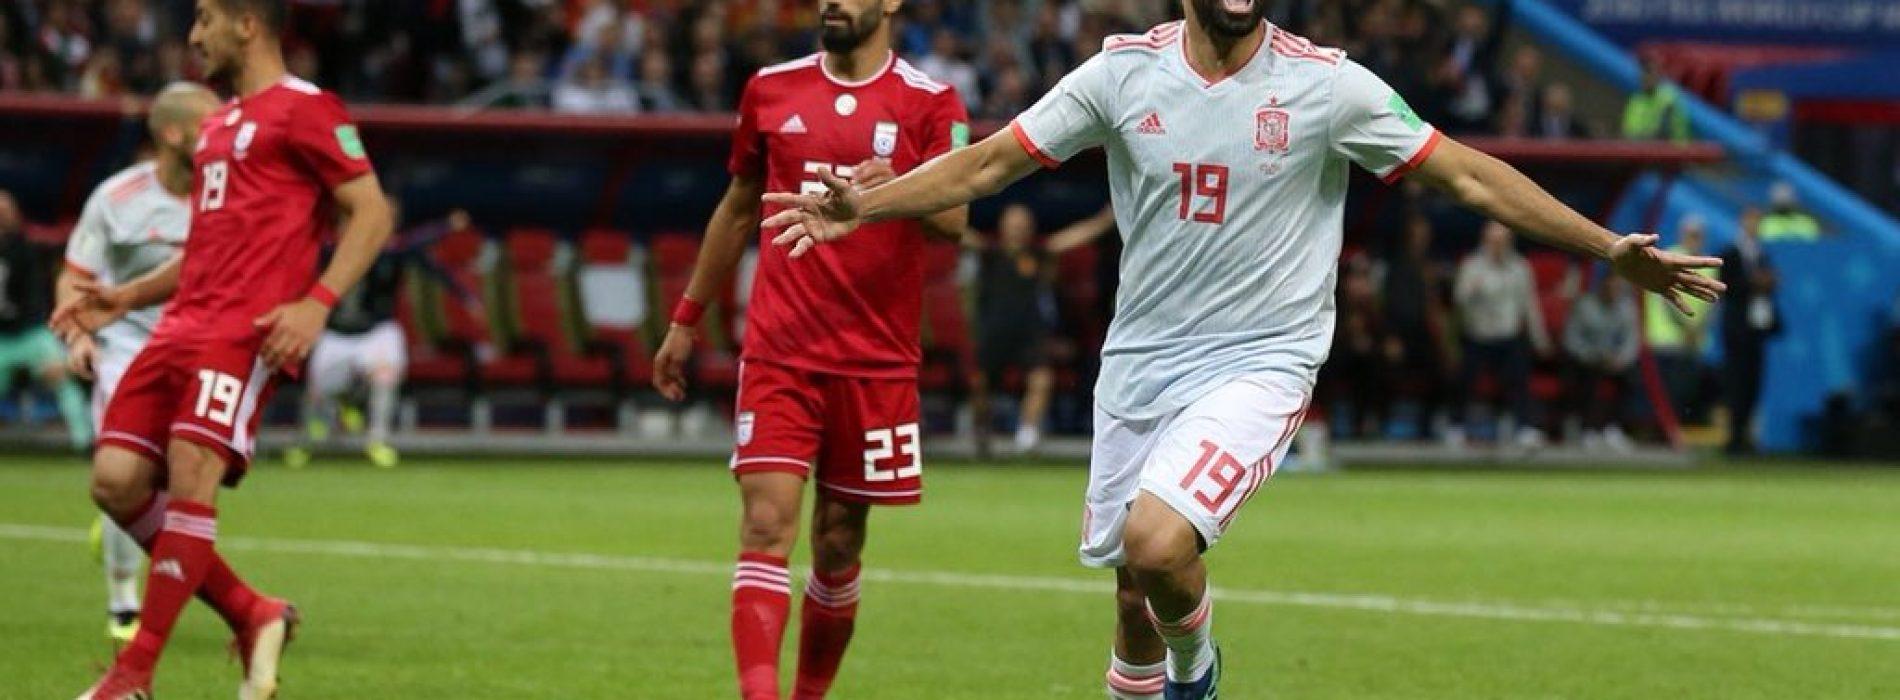 Mercato Napoli, Diego Costa resterà all'Atletico Madrid